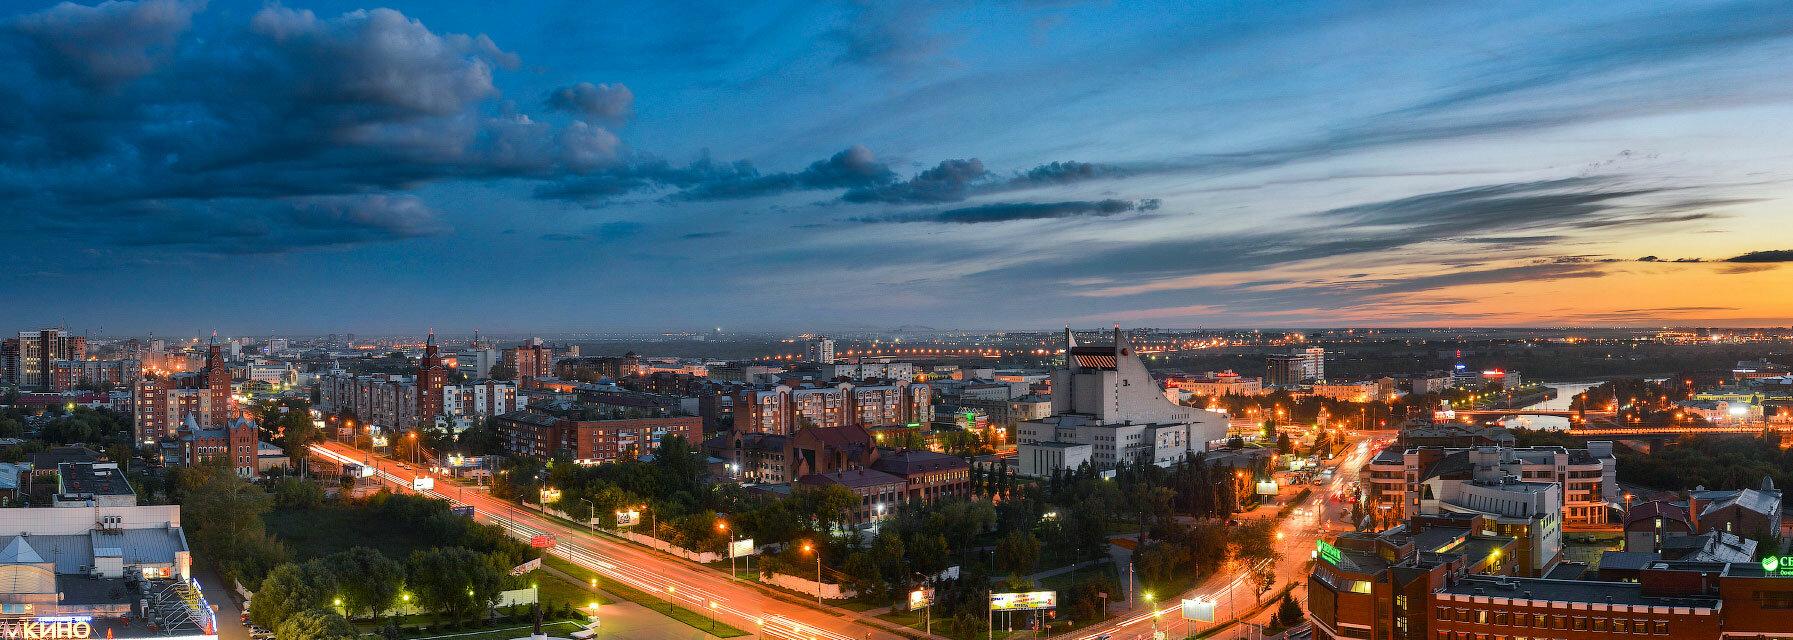 Поиск отелей в Омске